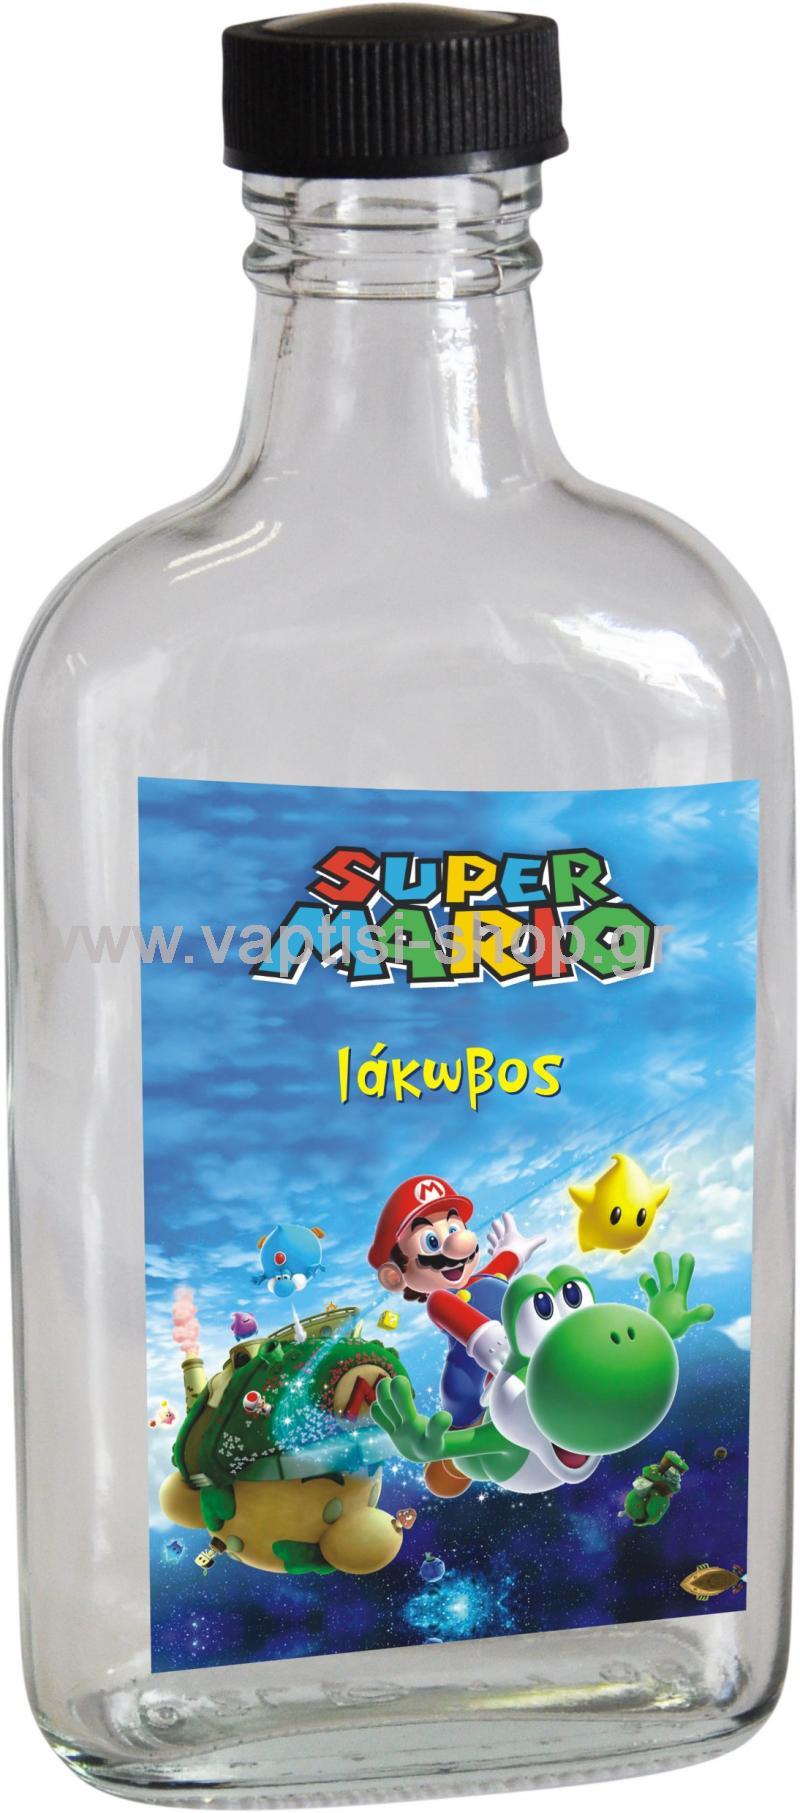 Μπουκαλάκι Πλακέ Μεγάλο με Καπάκι Super Mario